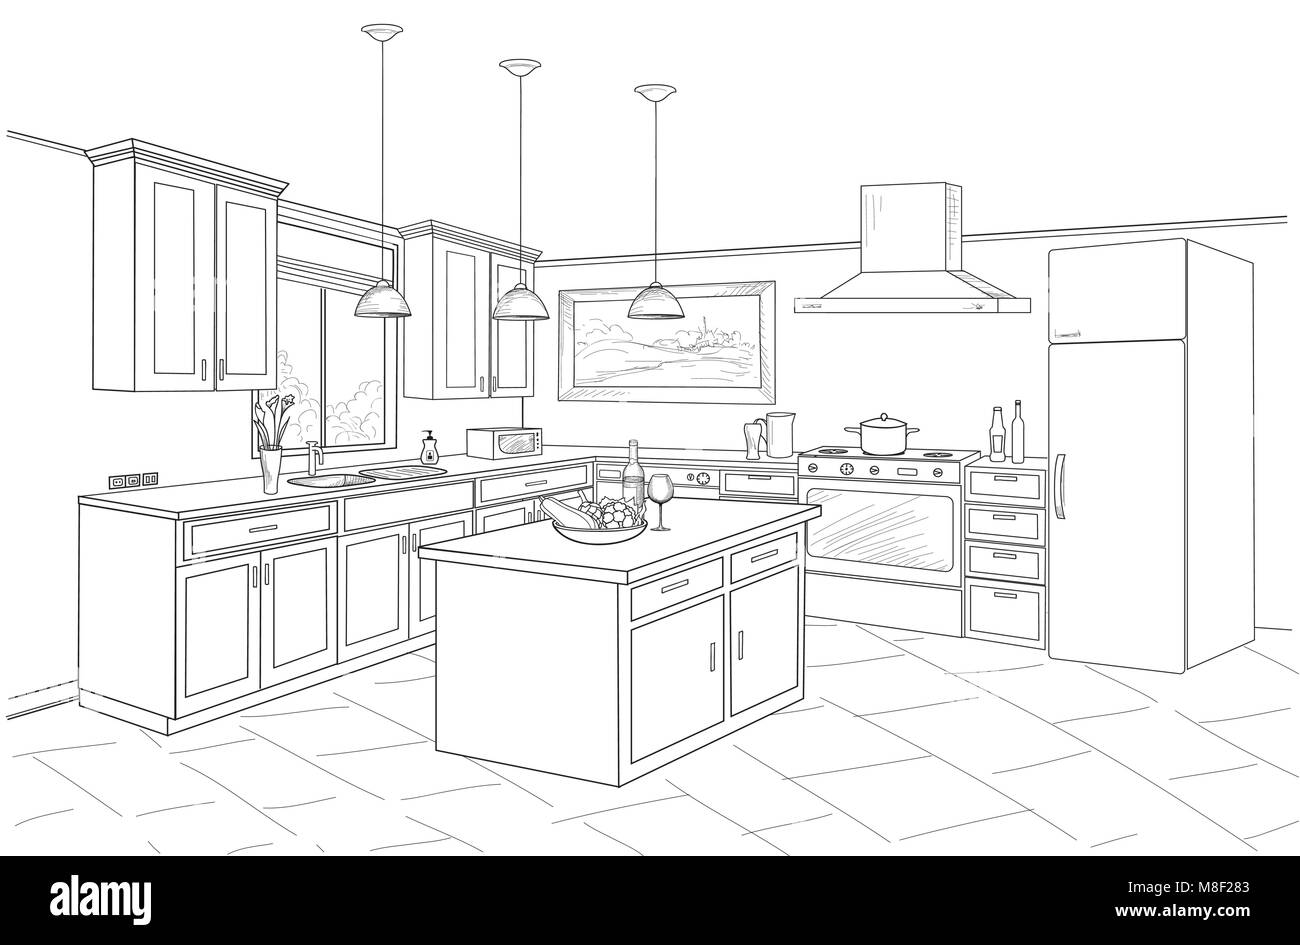 Schizzo interno della camera con cucina. Schema progetto di una ...